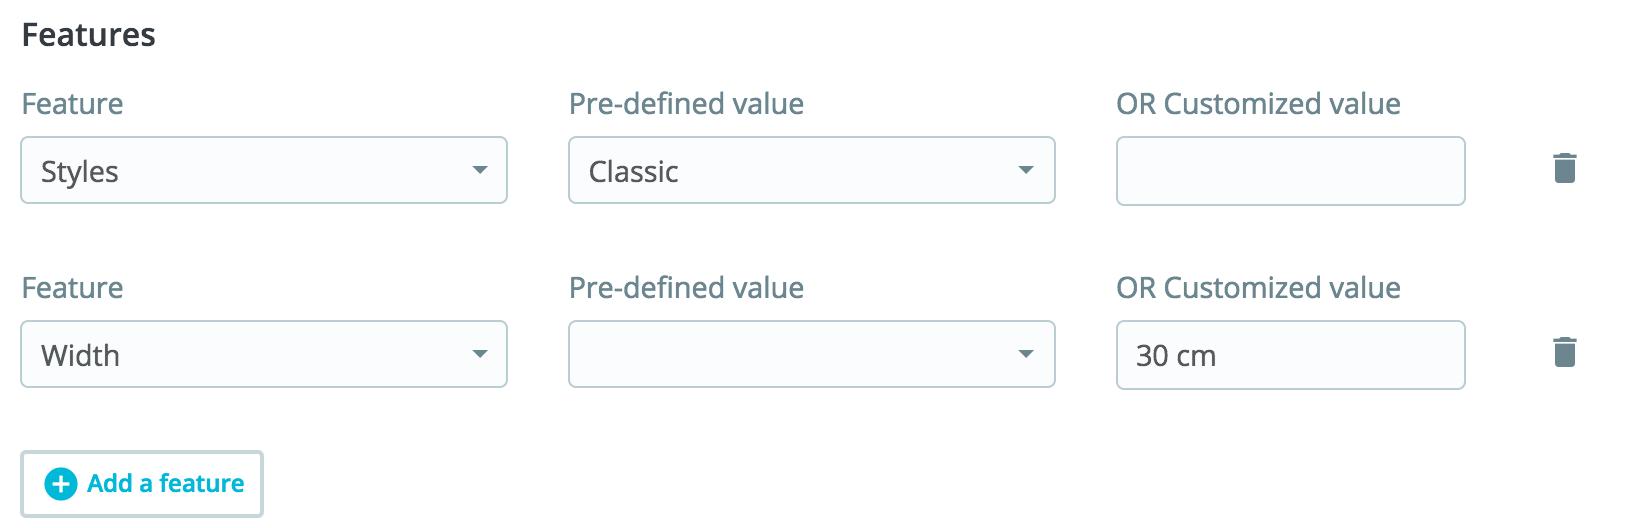 prestashop add features